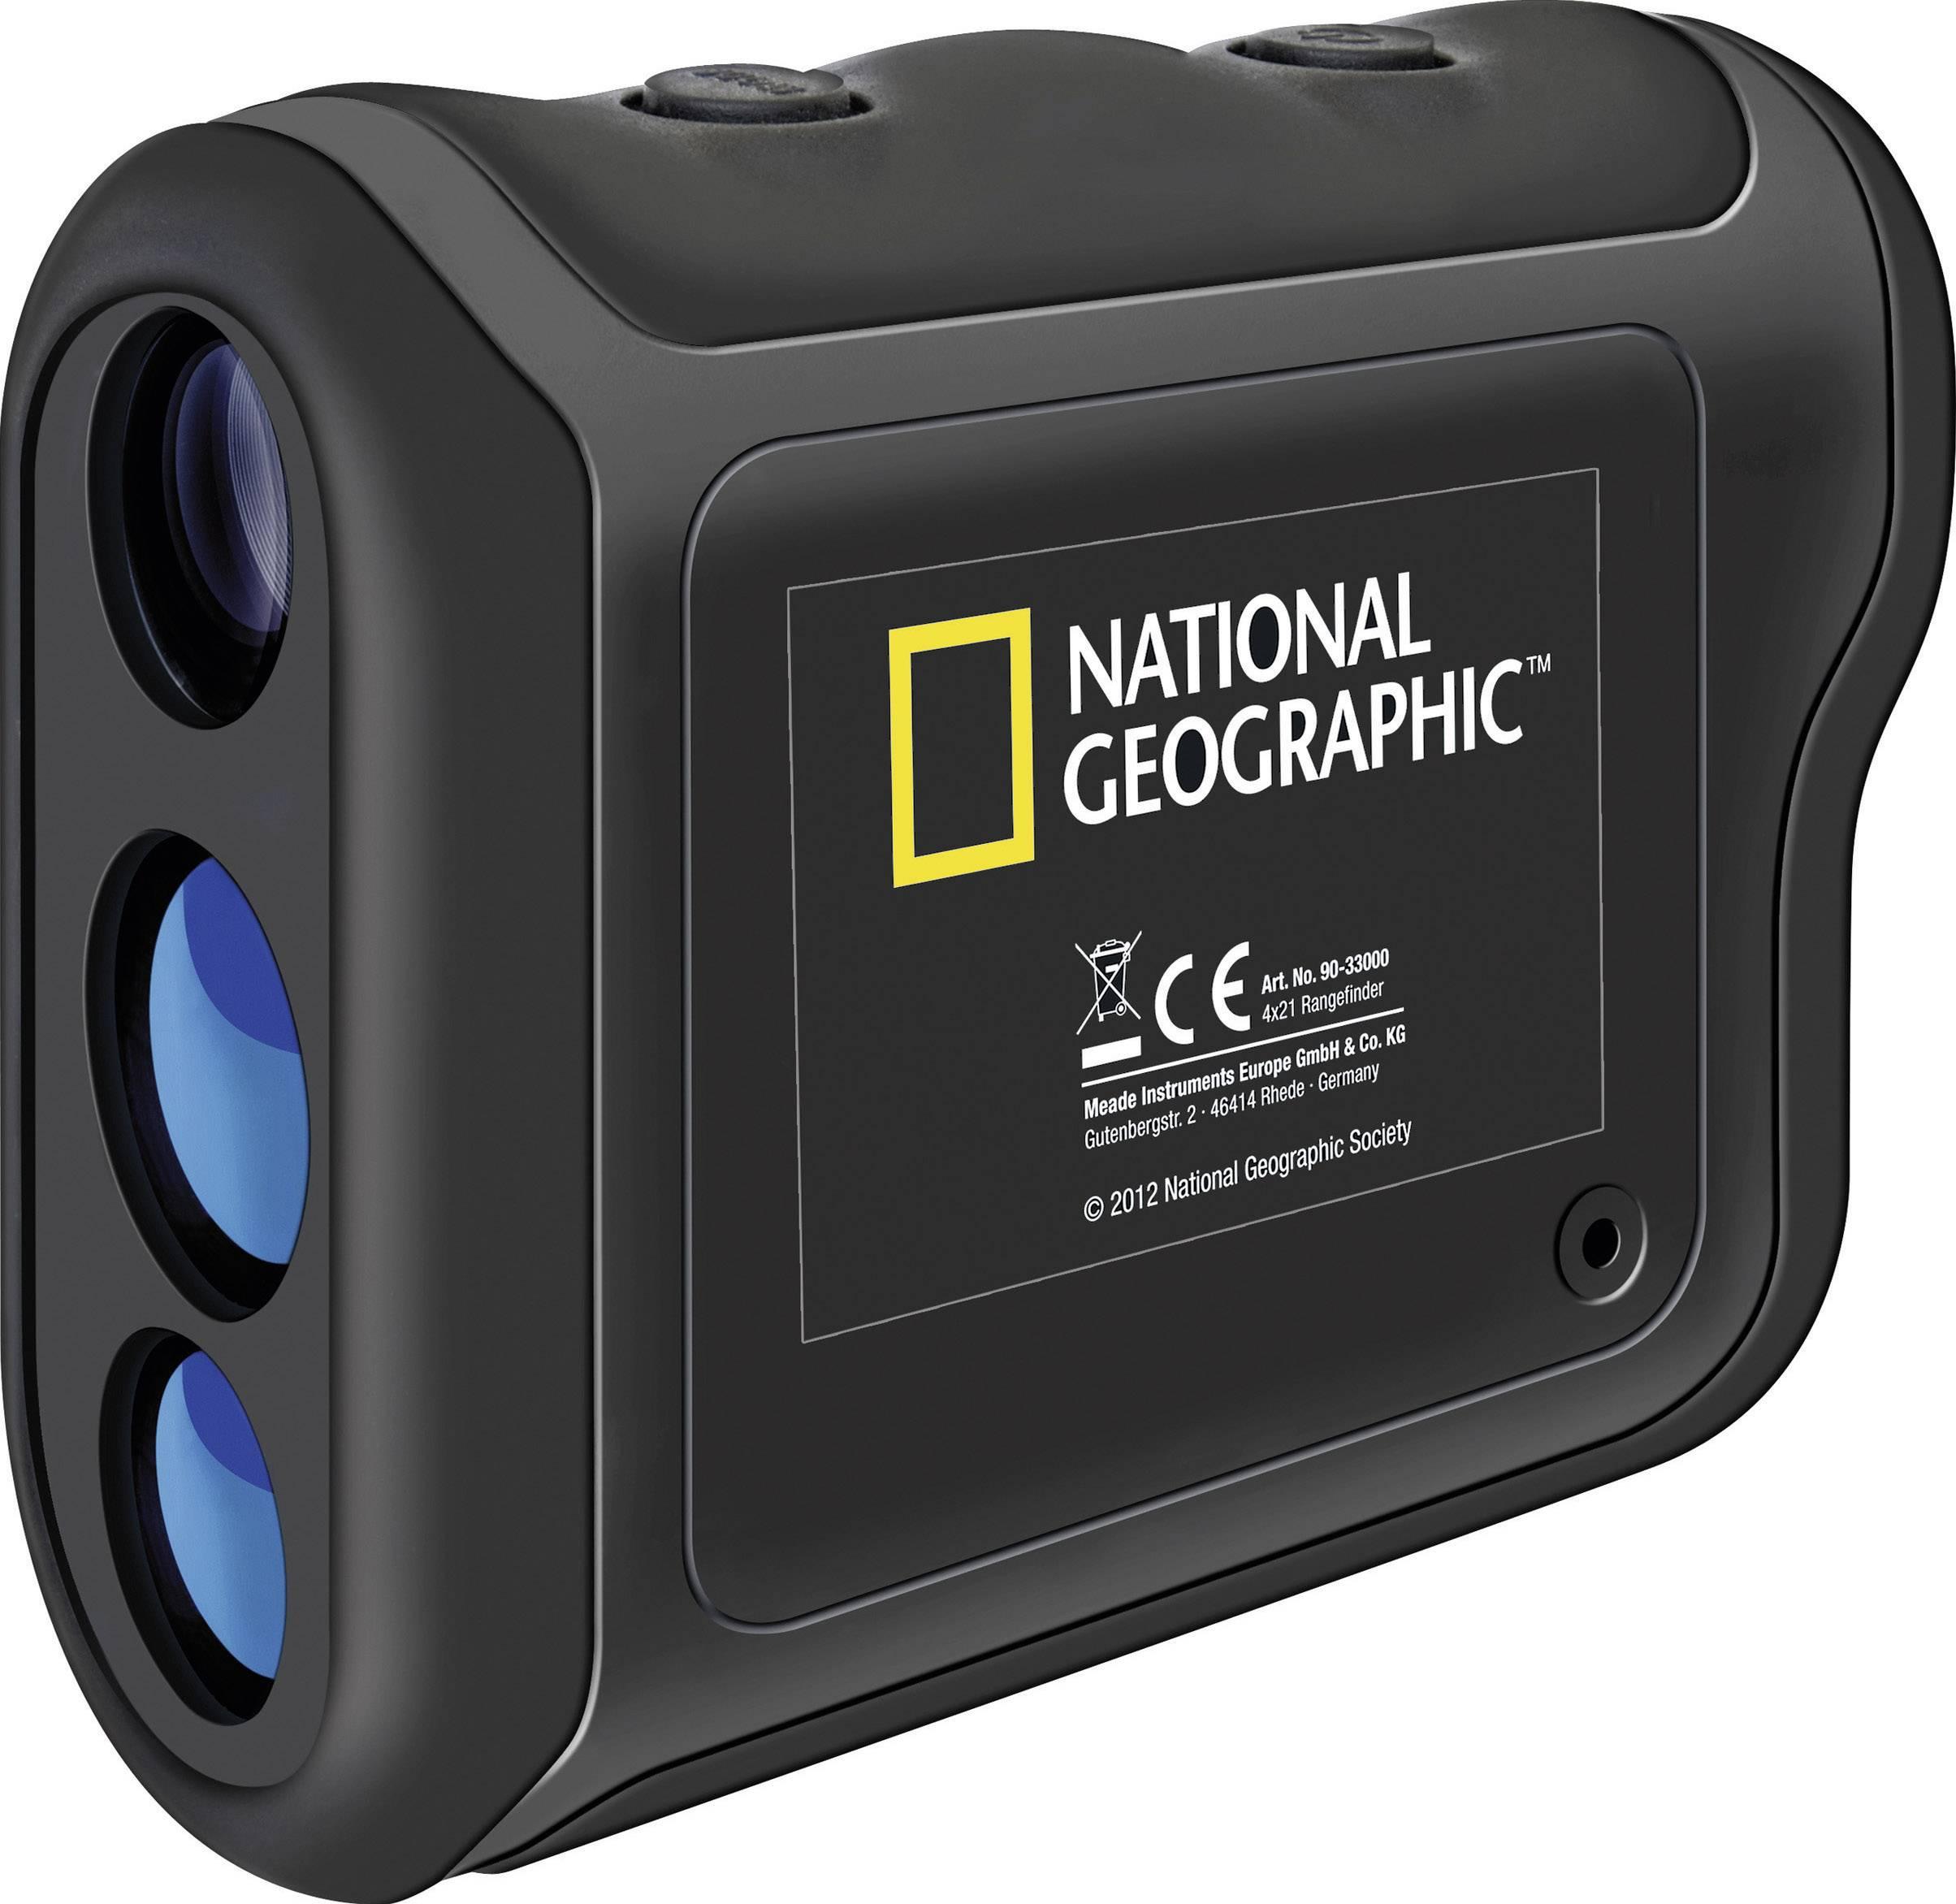 Měřič vzdálenosti National Geographic 4x21 Rangefinder, 4 x 21 mm, 5 až 800 m